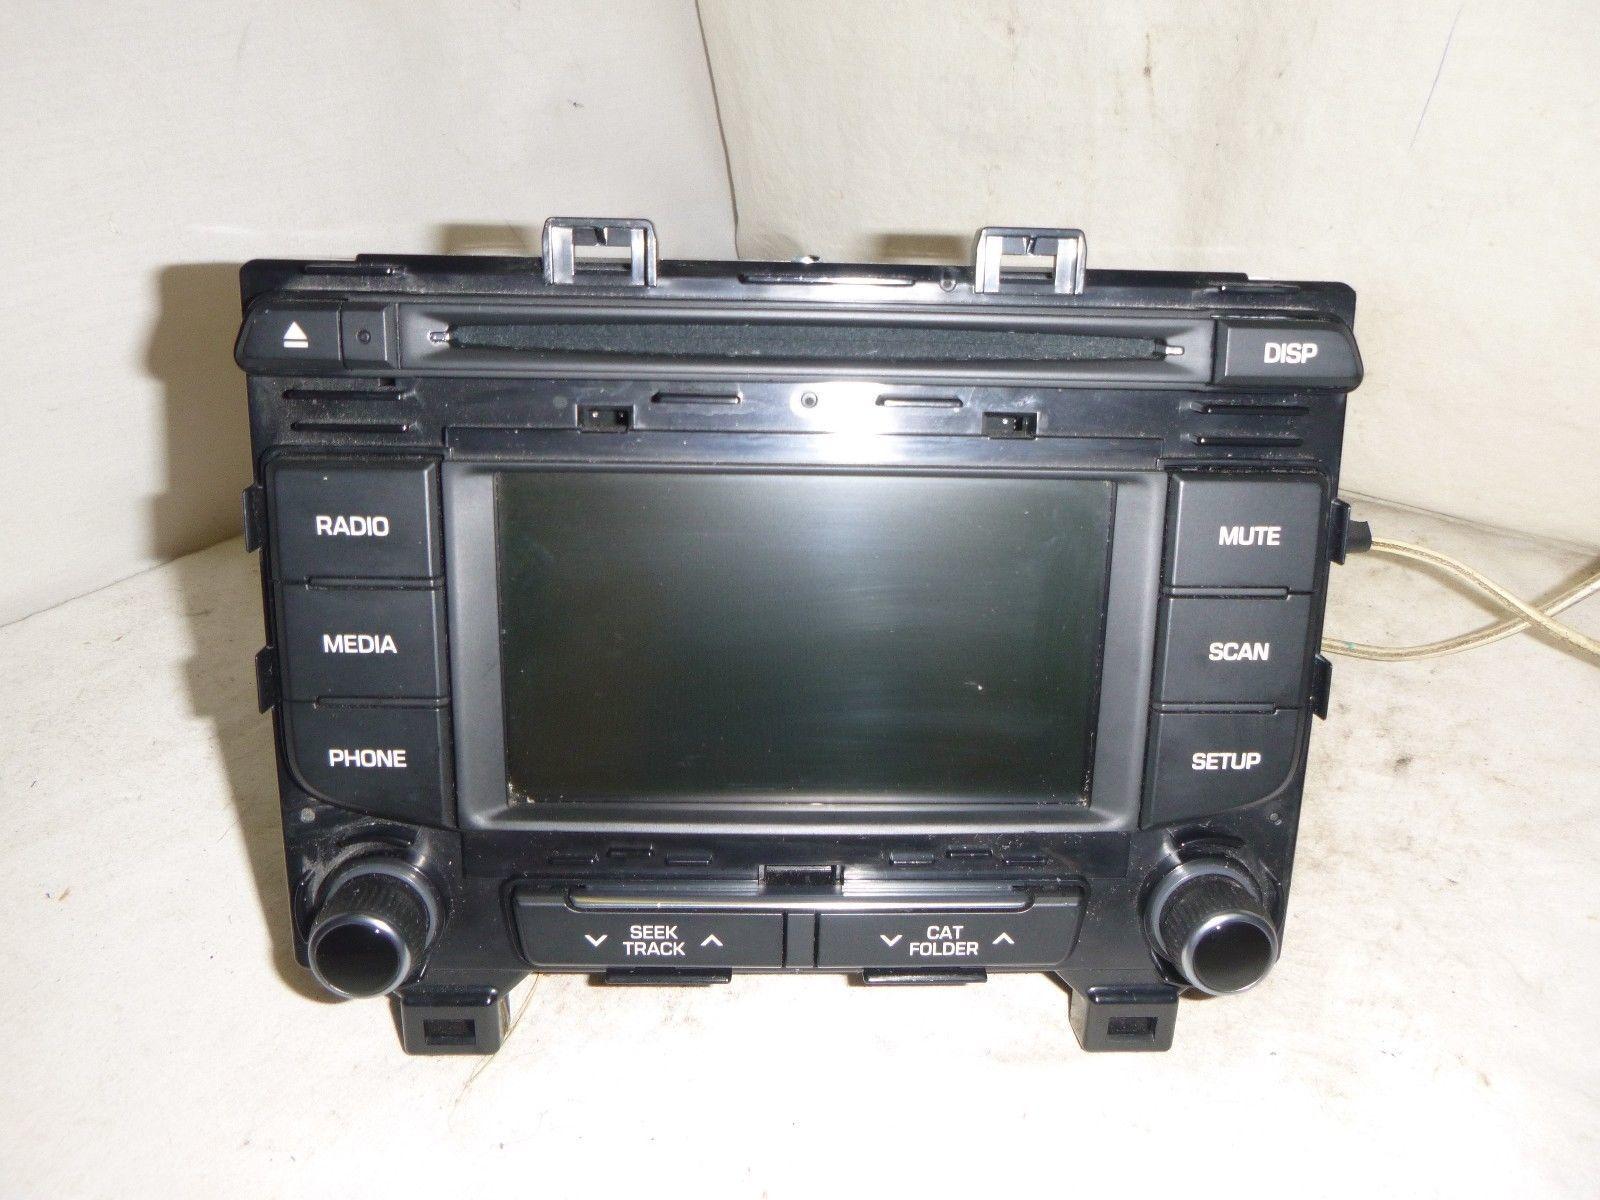 15 2015 Hyundai Sonata Radio Cd MP3 Player 96180-C20004X FIR80